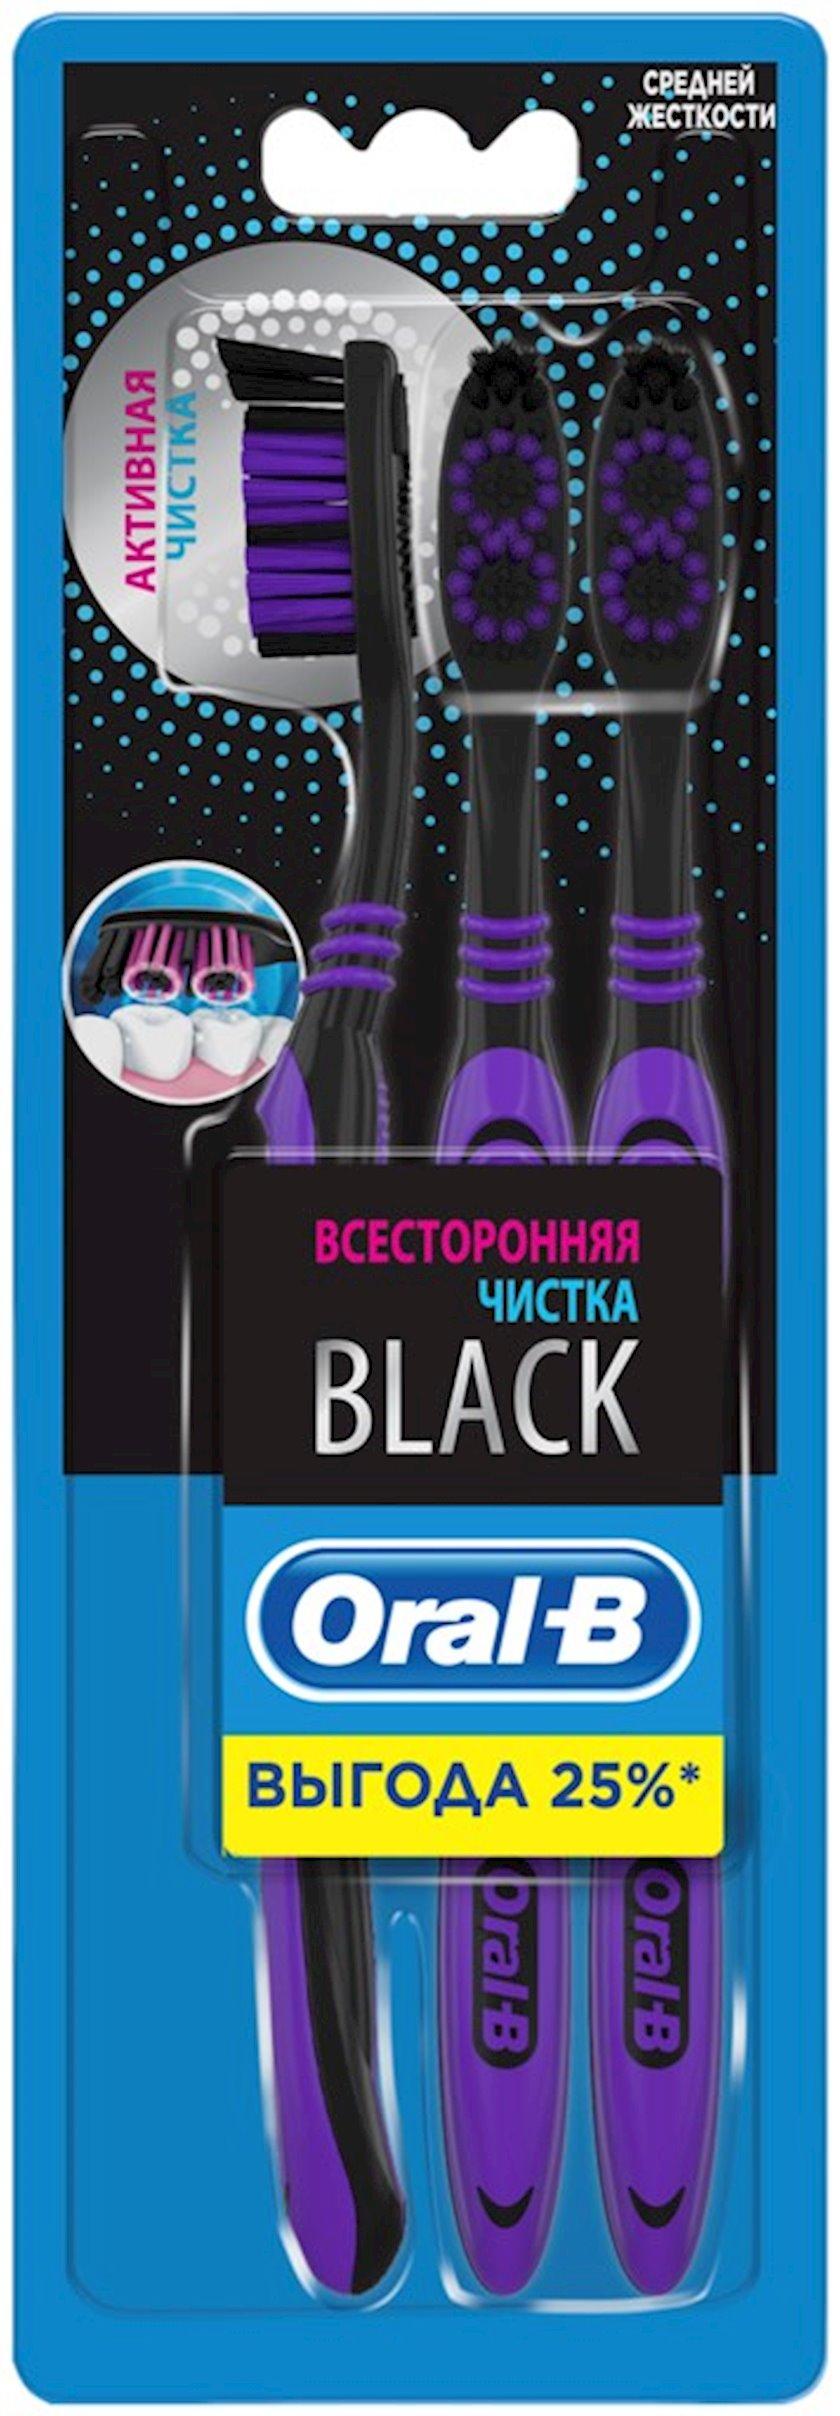 Diş fırçası Oral-B Black Hər tərəfli təmizləmə 3 əd